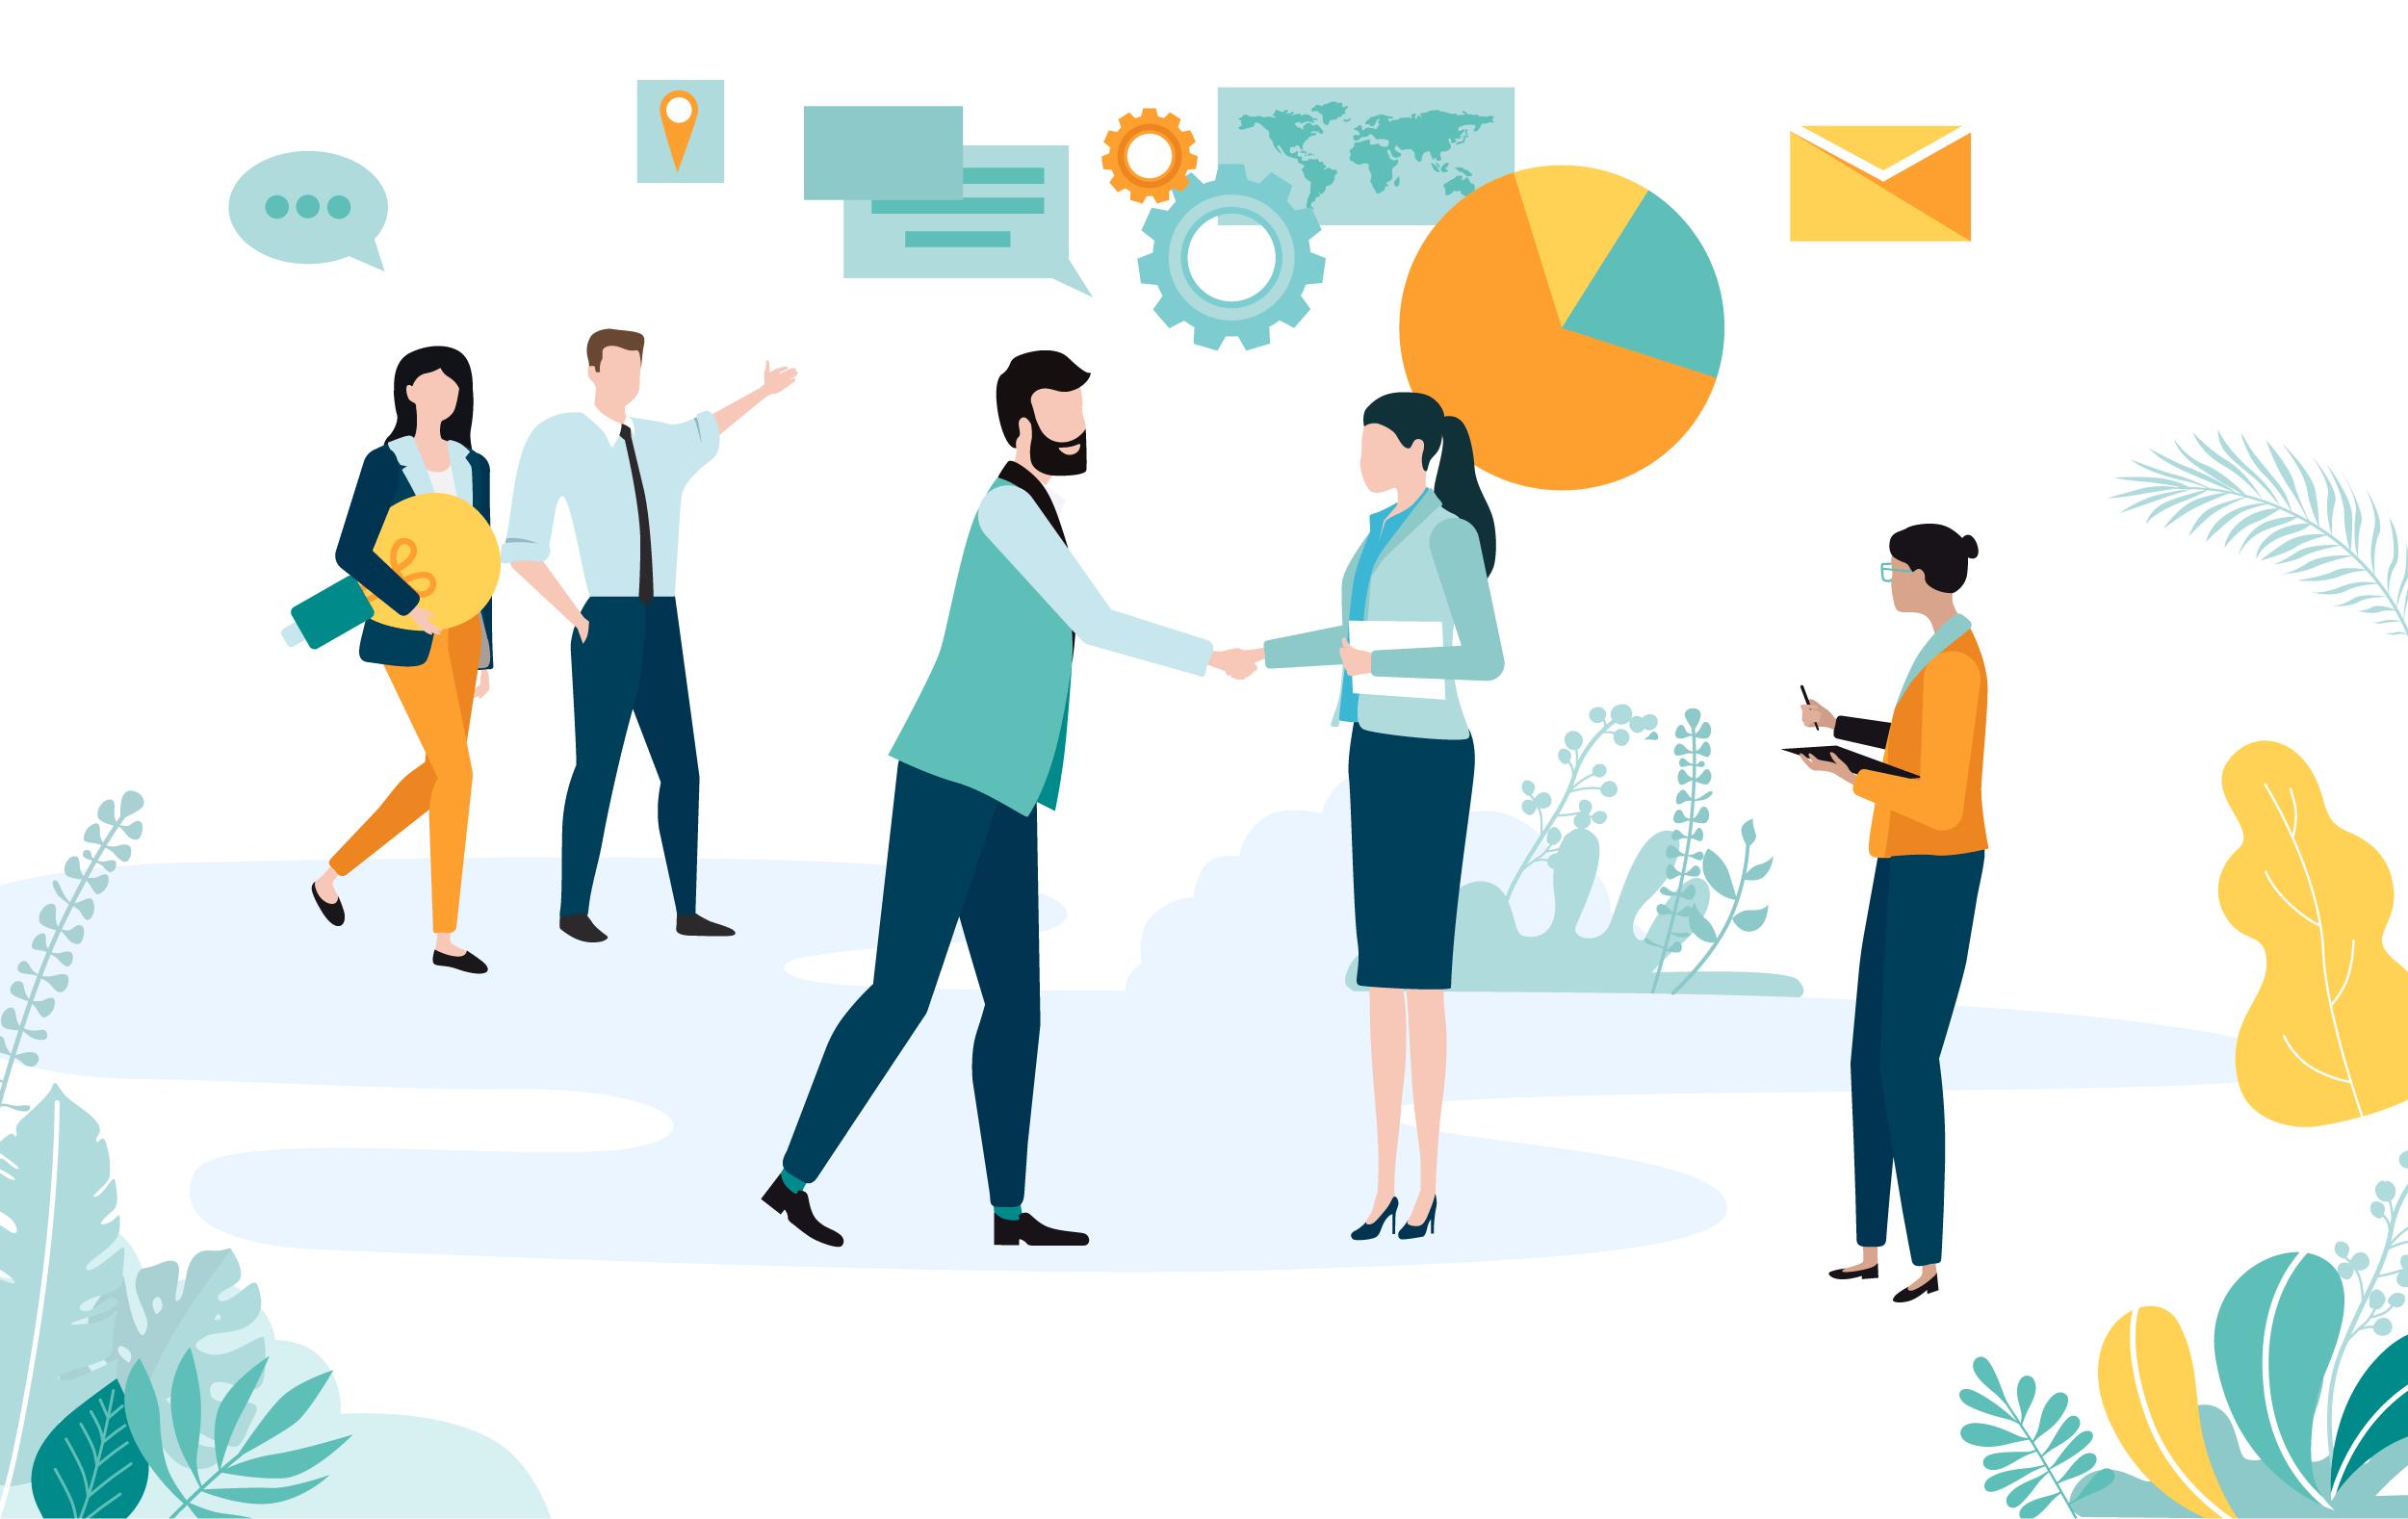 Učinkovito poslovno komuniciranje je pomembna, a ne samoumevna in tudi ne najlažja veščina.